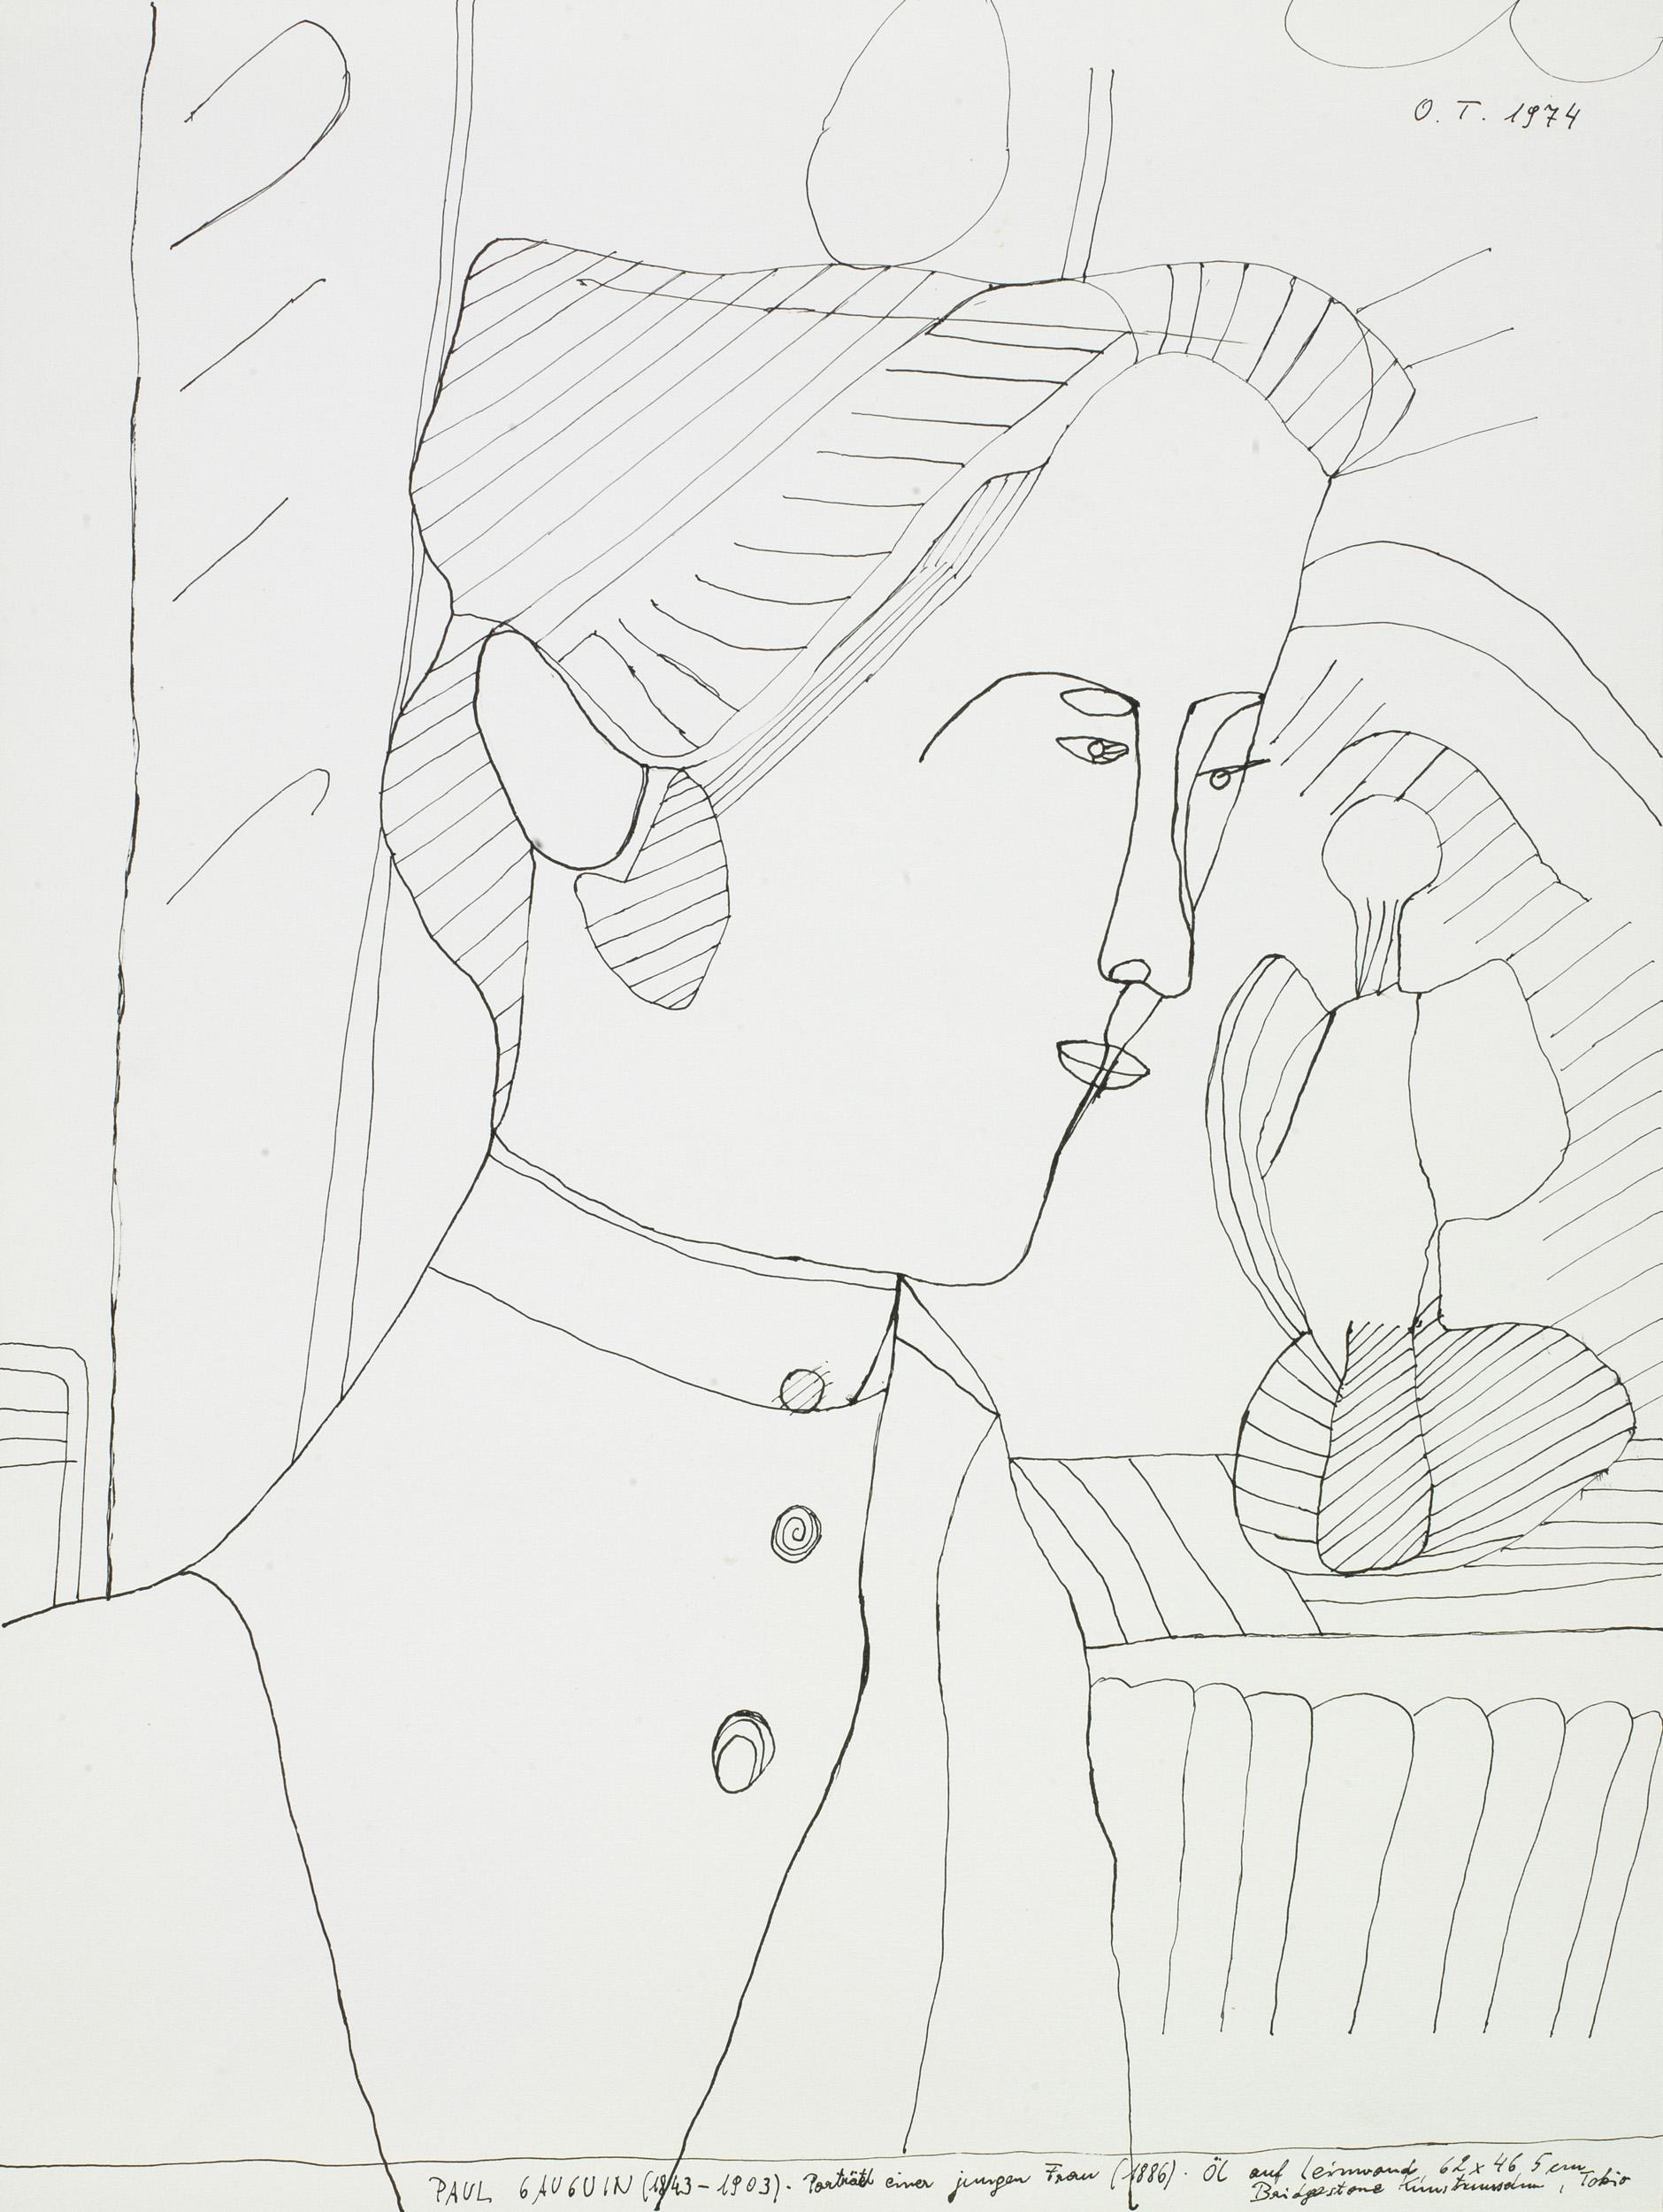 tschirtner oswald - Porträt einer jungen Frau / Portrait of a young woman